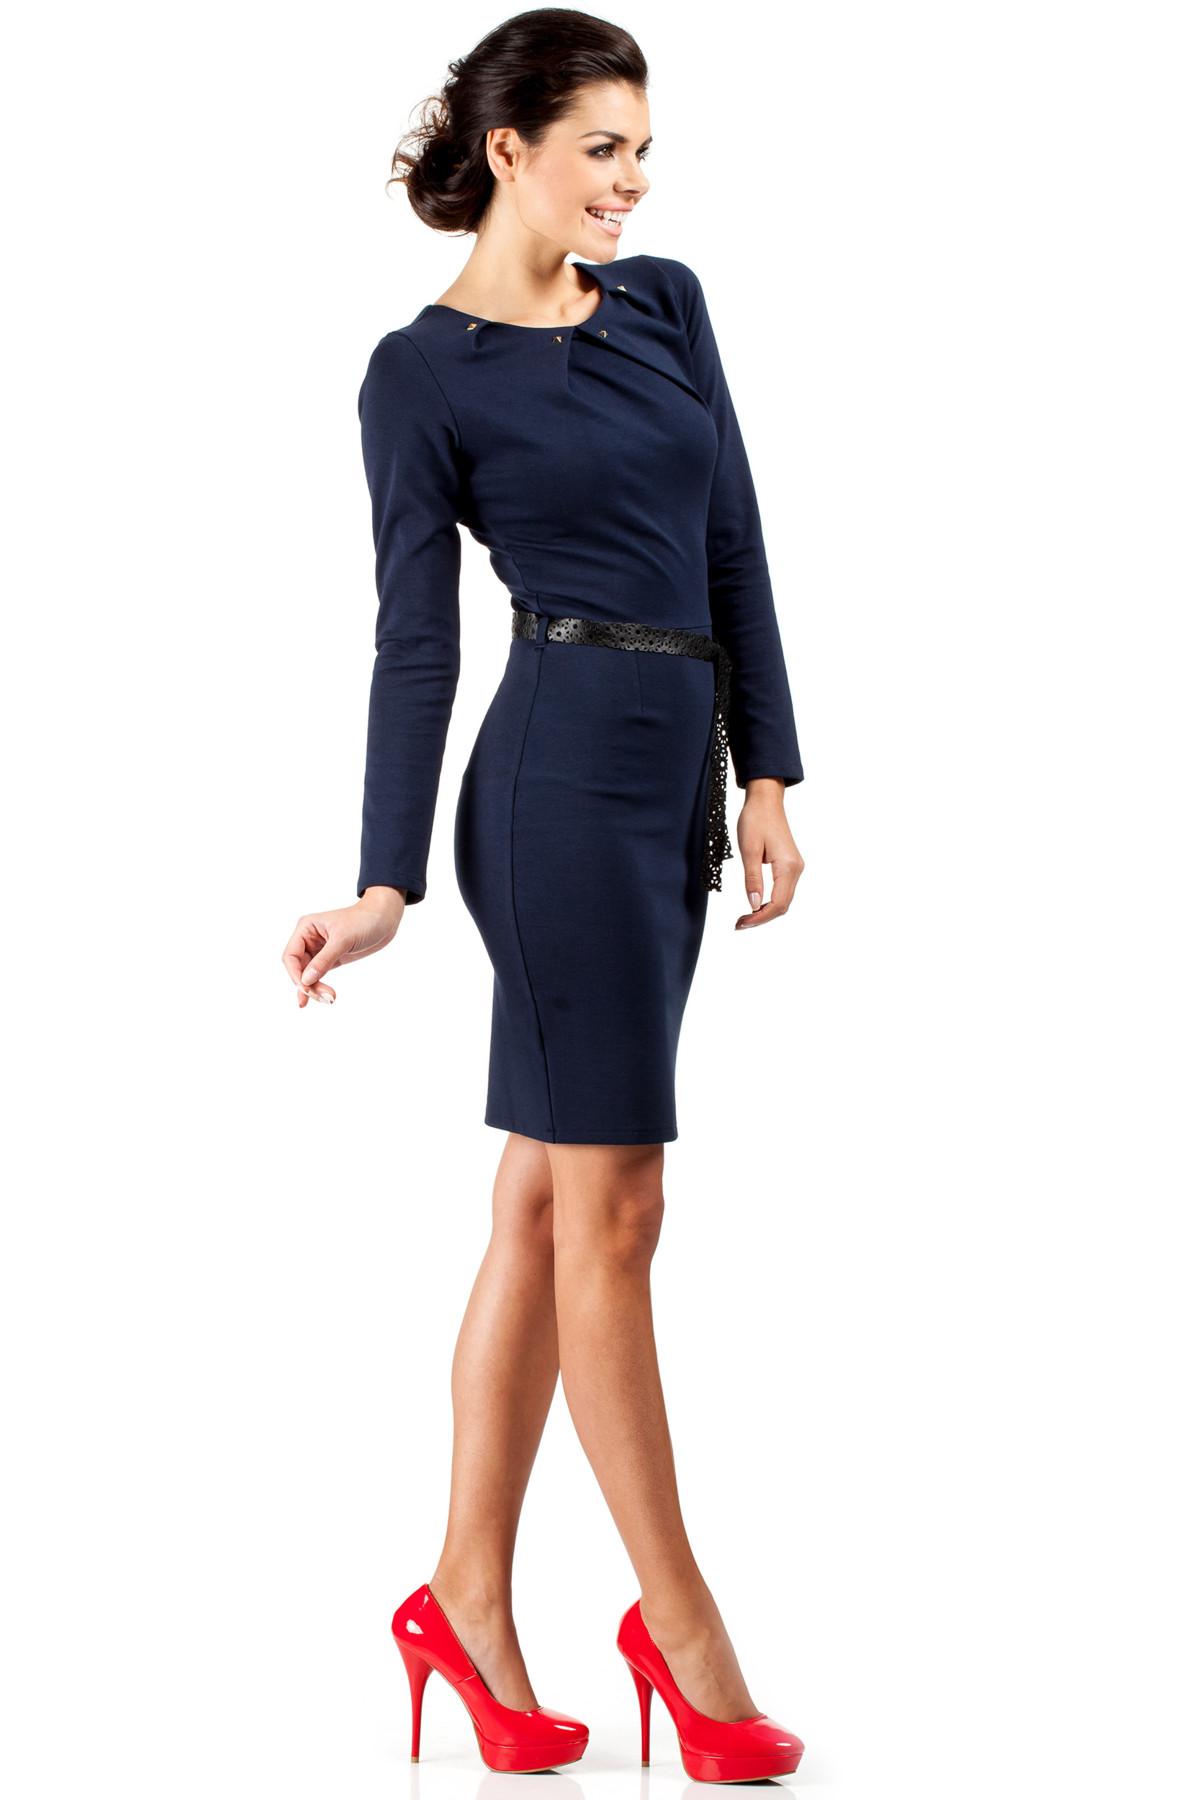 Dámské společenské šaty mo-043 s páskem - Tmavě modré 40